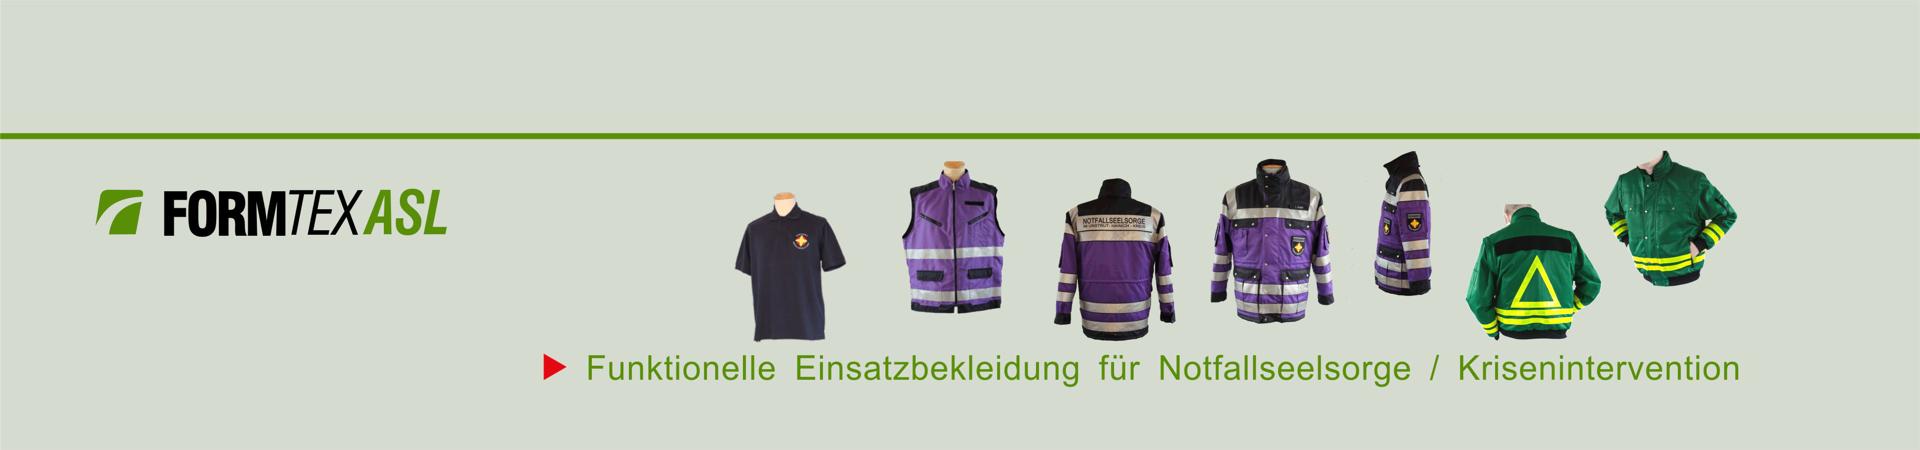 Bekleidung für Rettungs- u. Pflegedienst, Notfallseelsorge